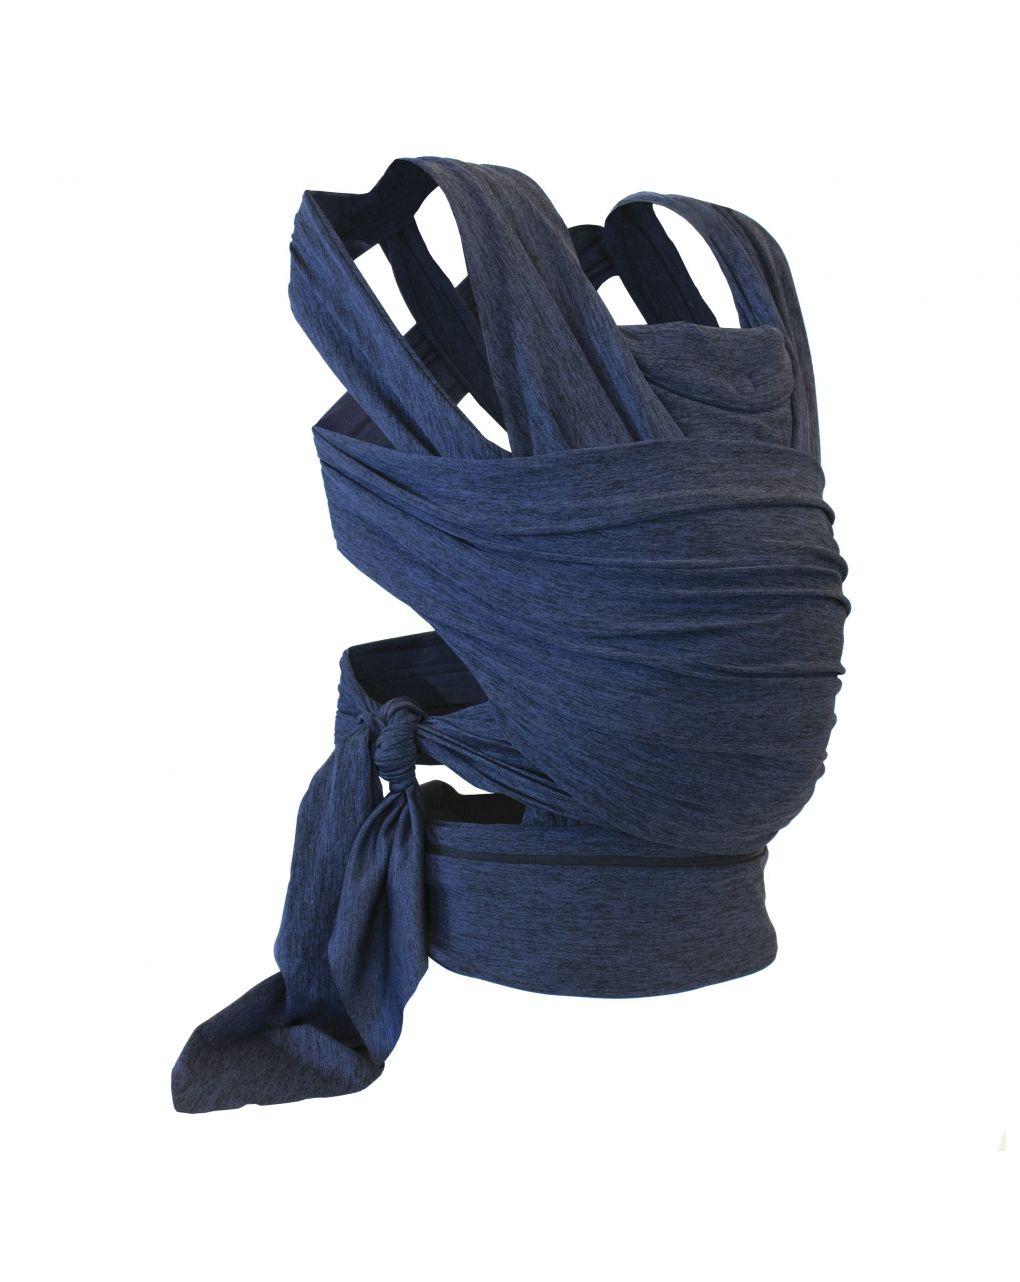 Boppy comfyfit portabebè - blue - Boppy